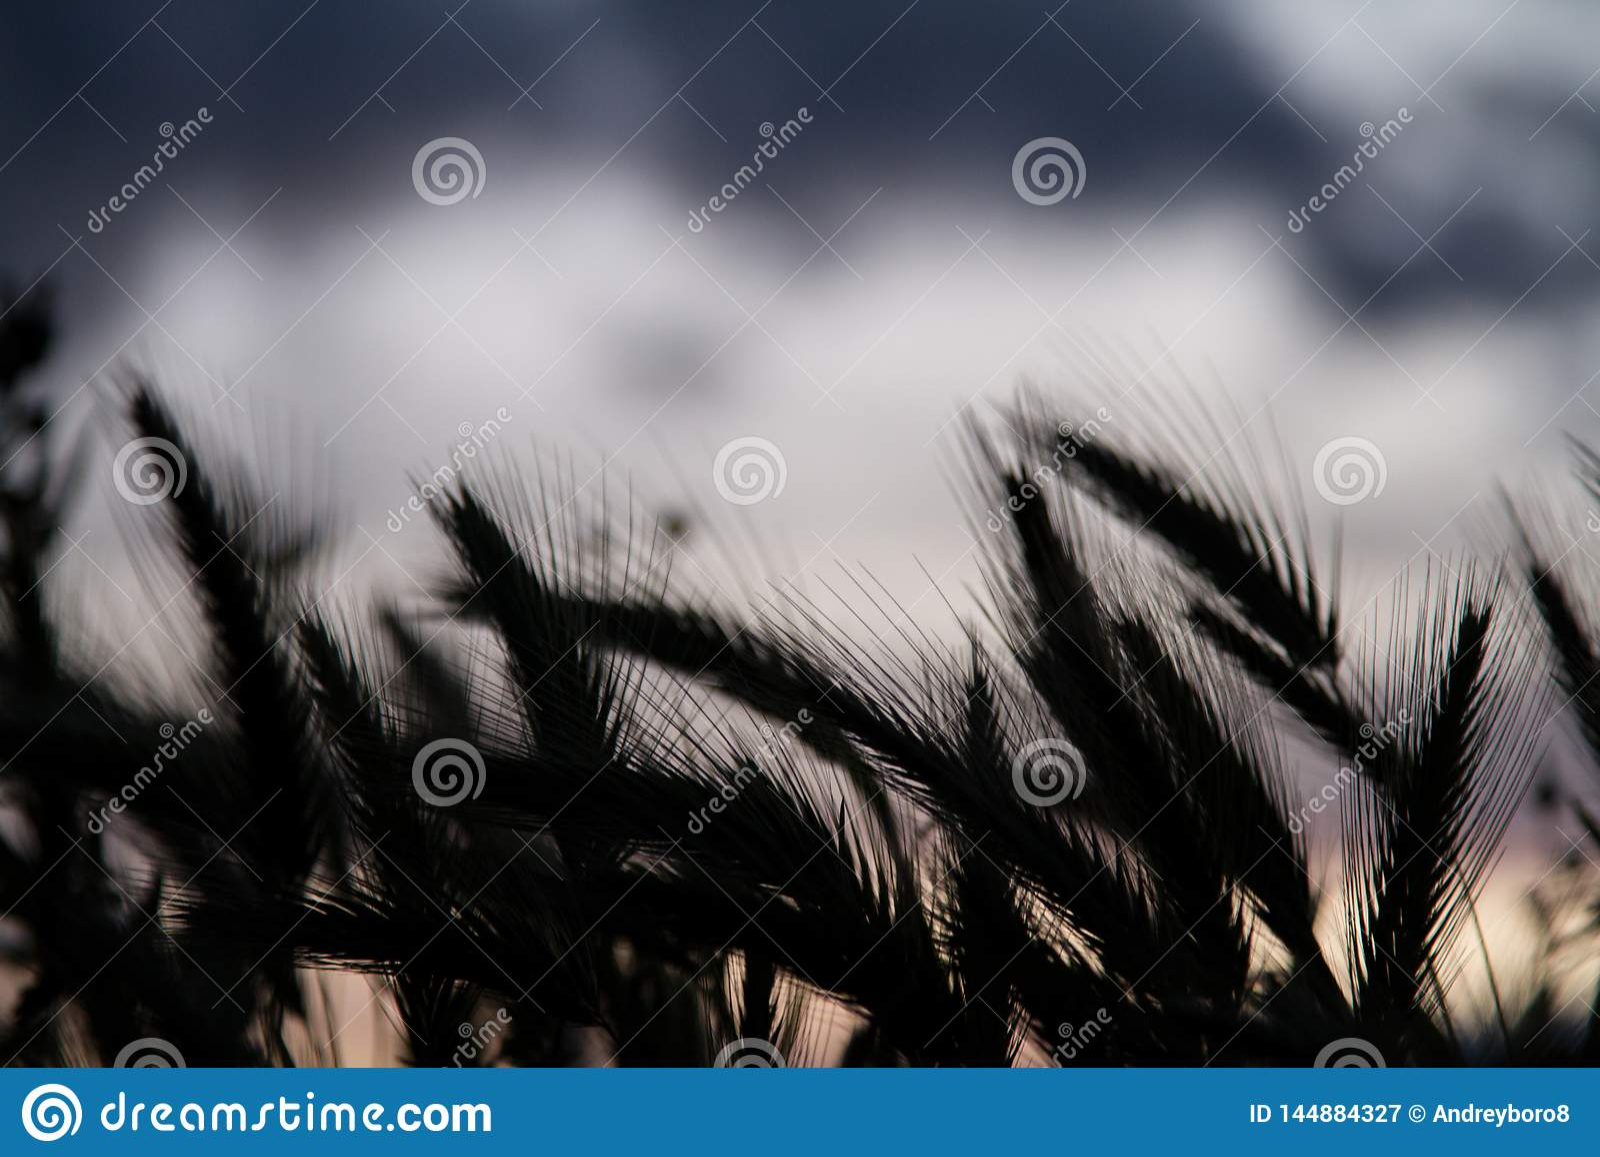 Wheat field silhouette